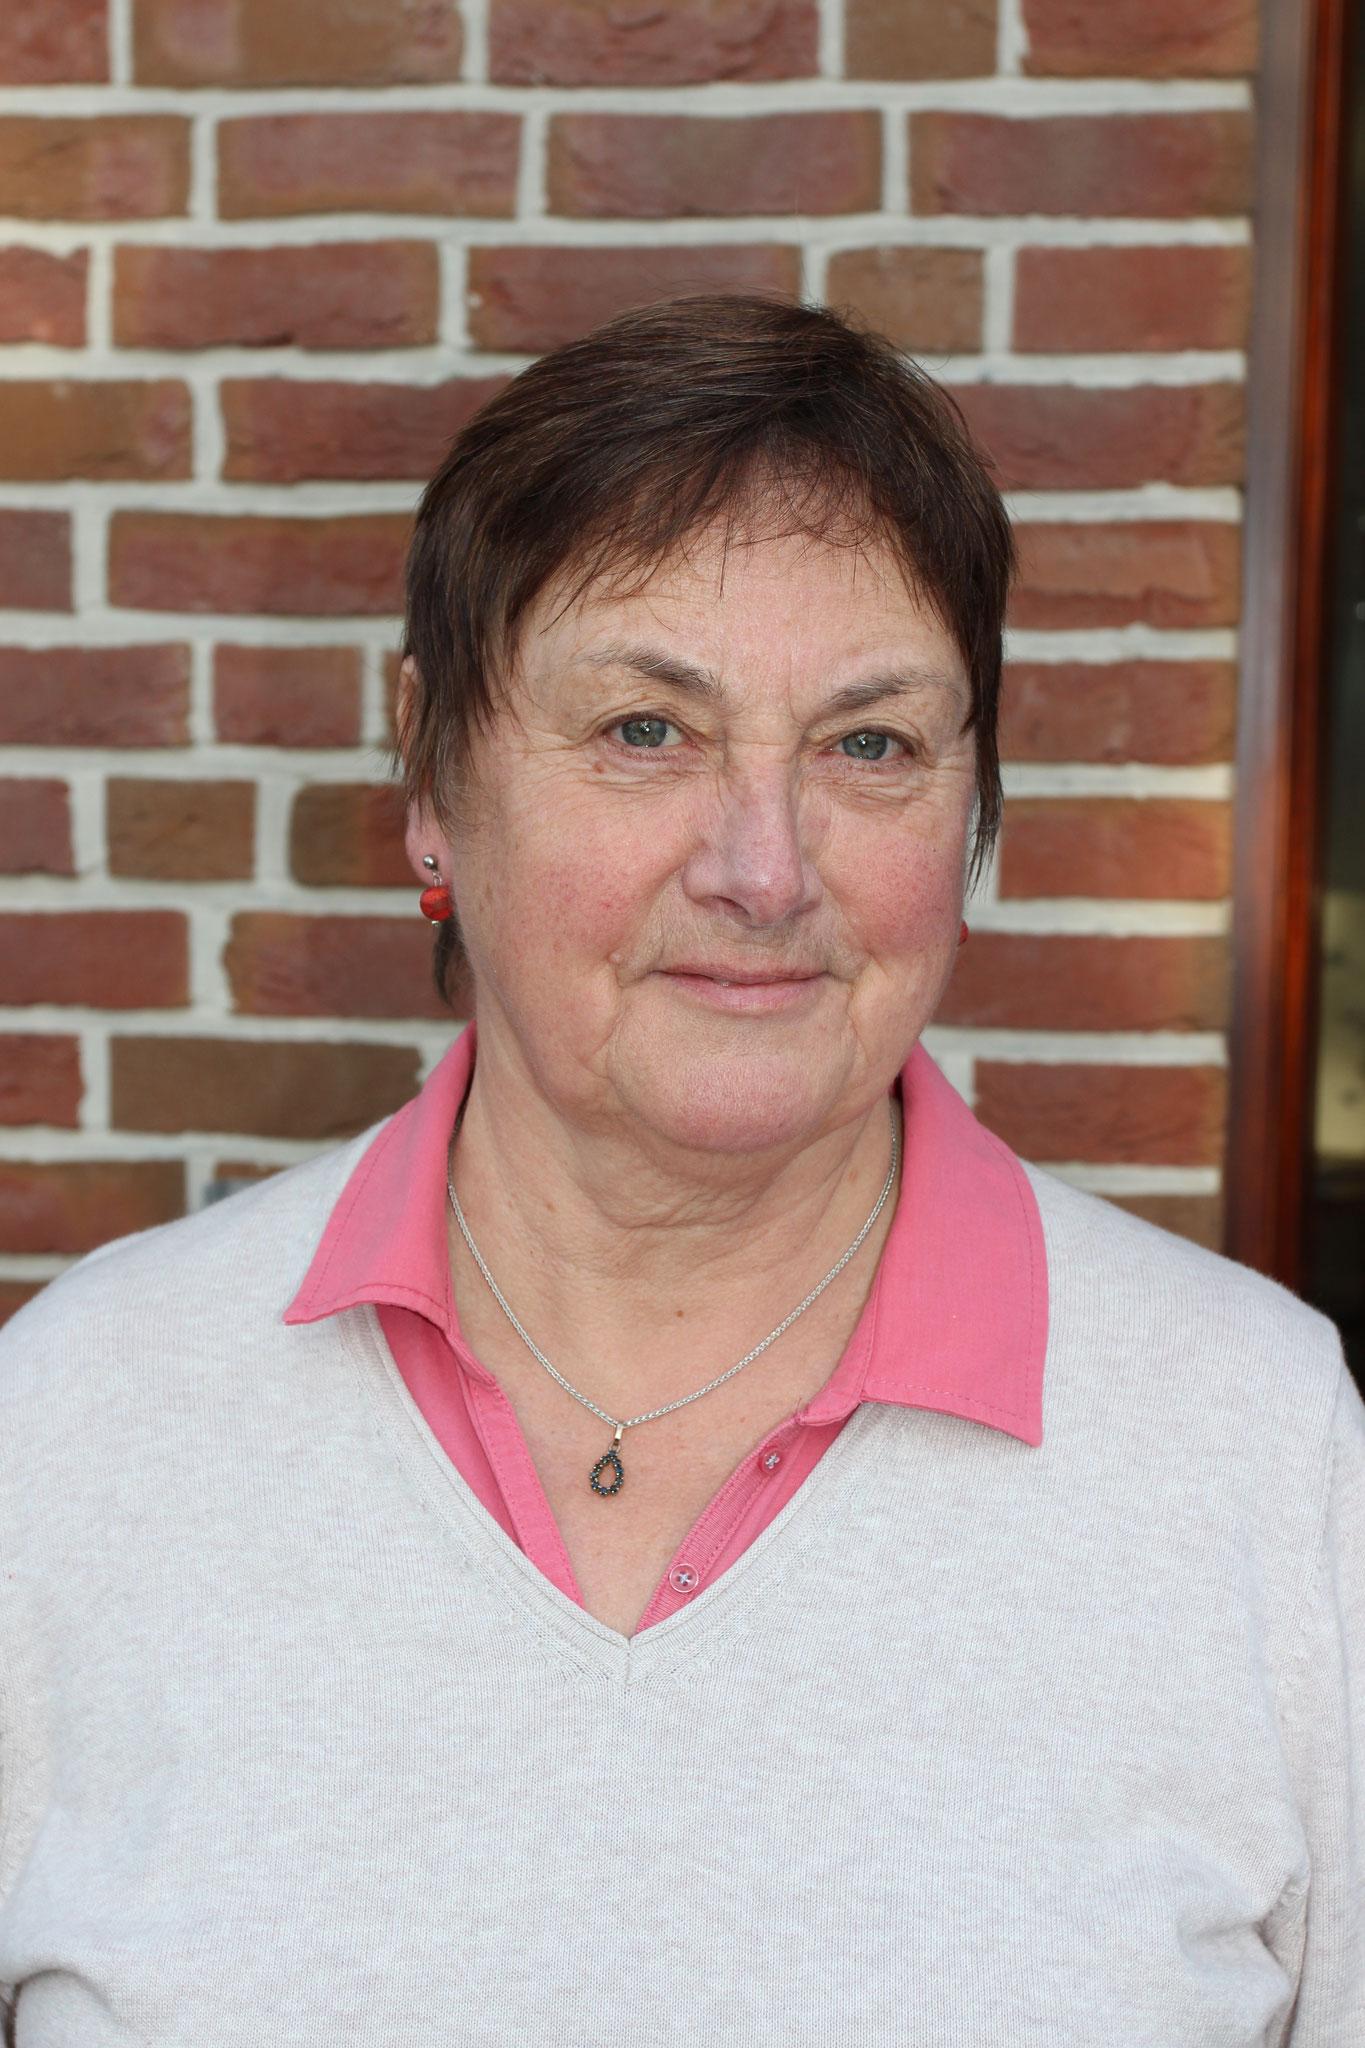 Hiltrud Kern, Vertreterin des Rates der Gemeinde Wachtendonk